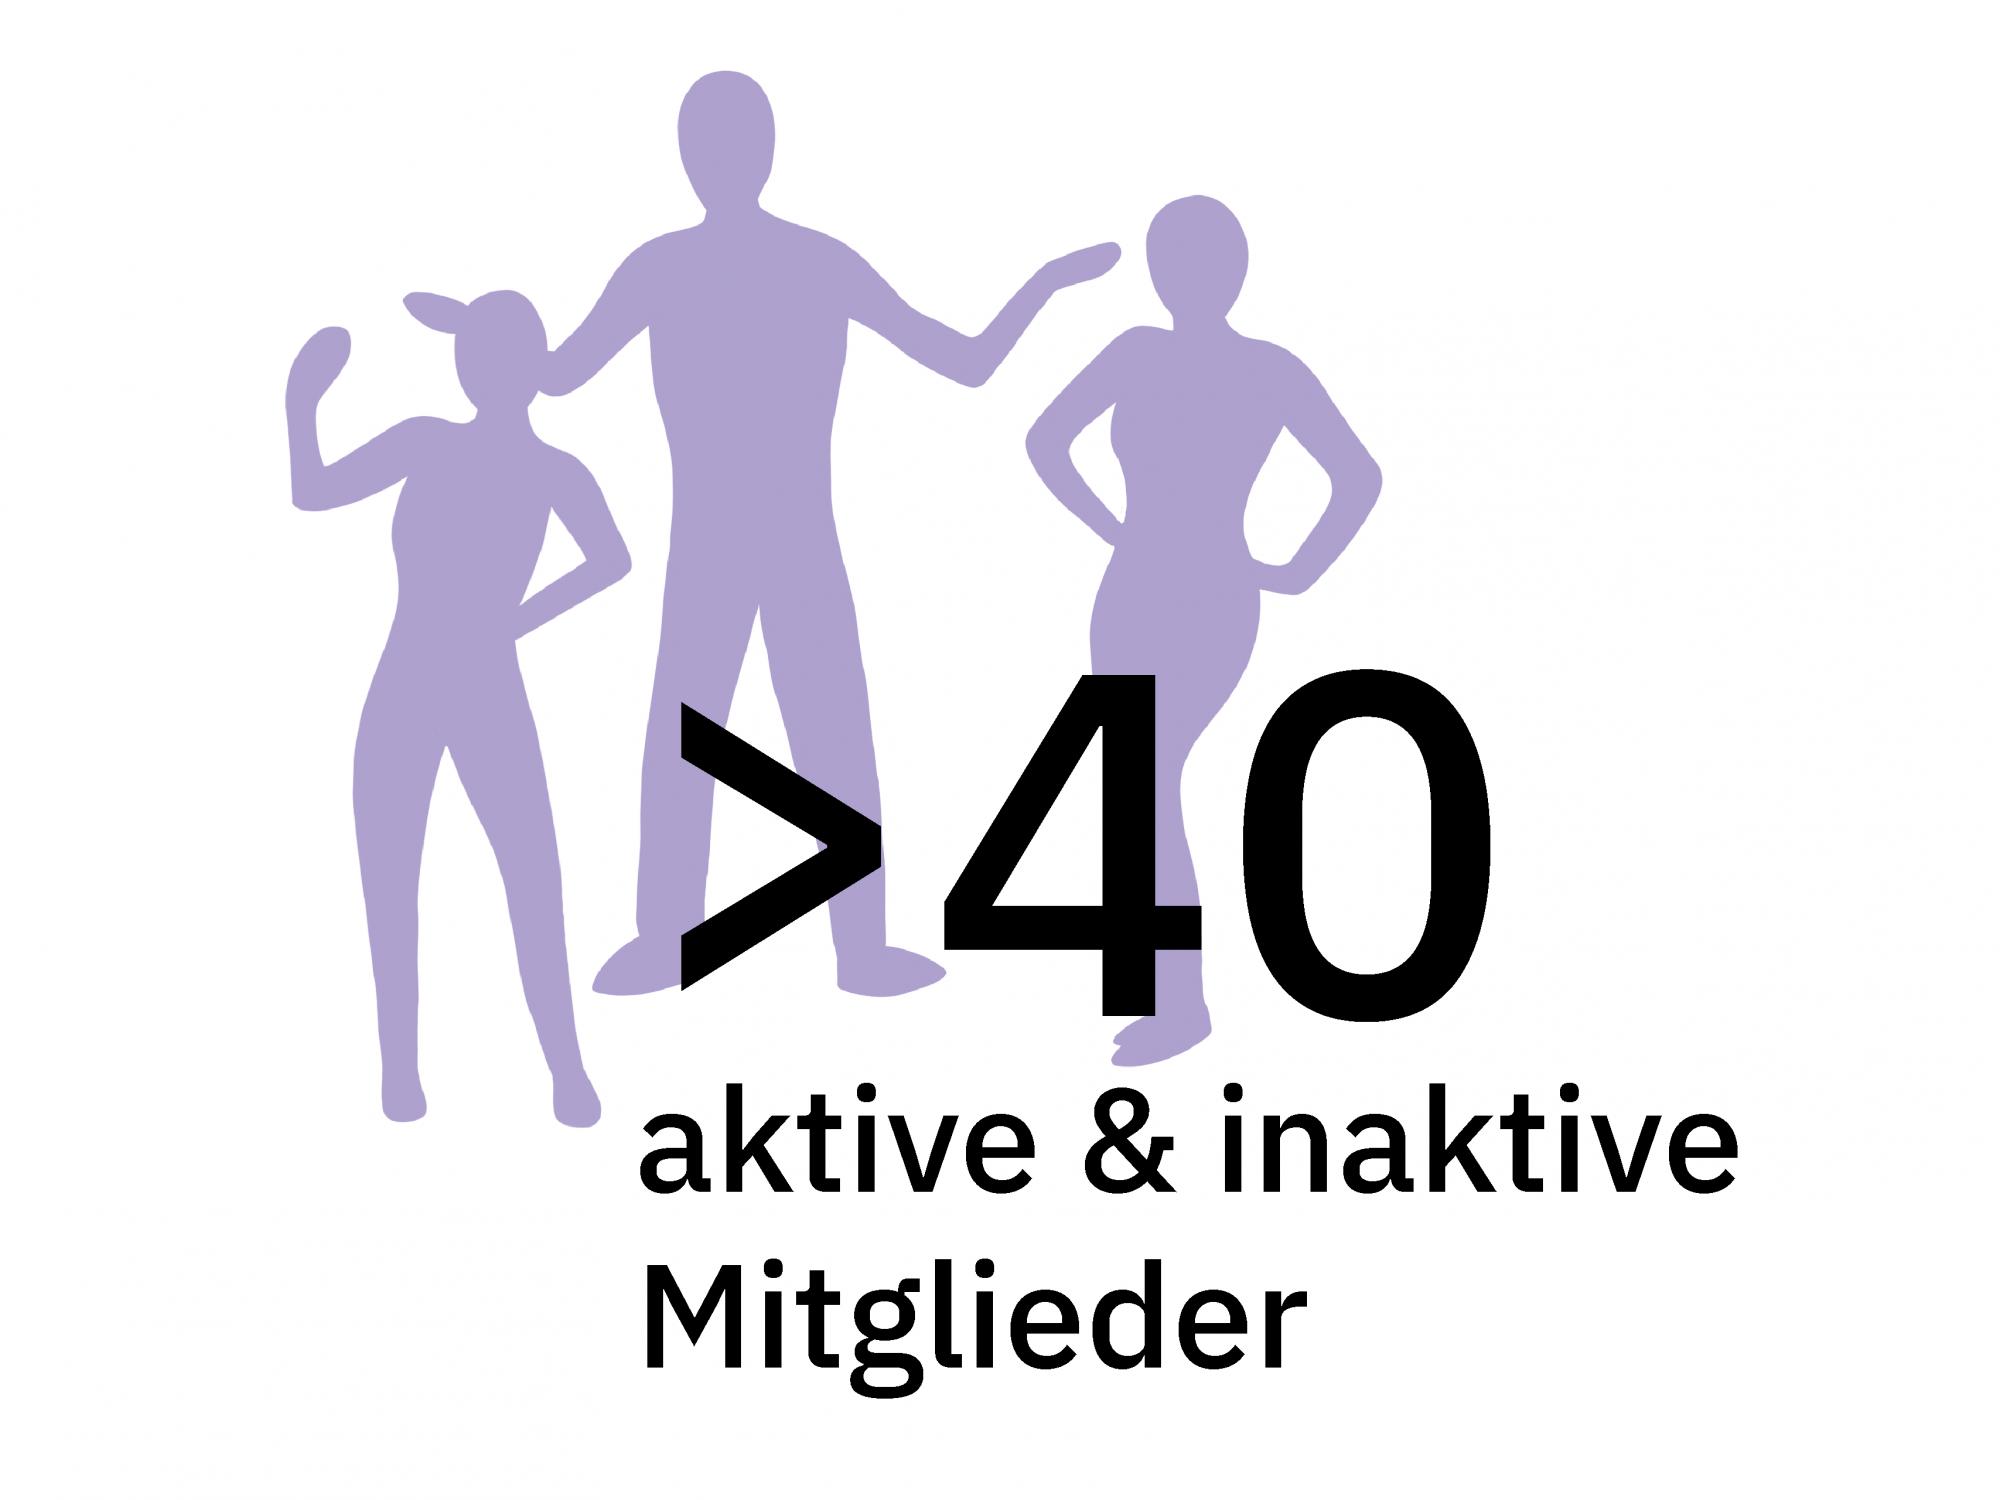 Aktive und inaktive Mitglieder illustriert